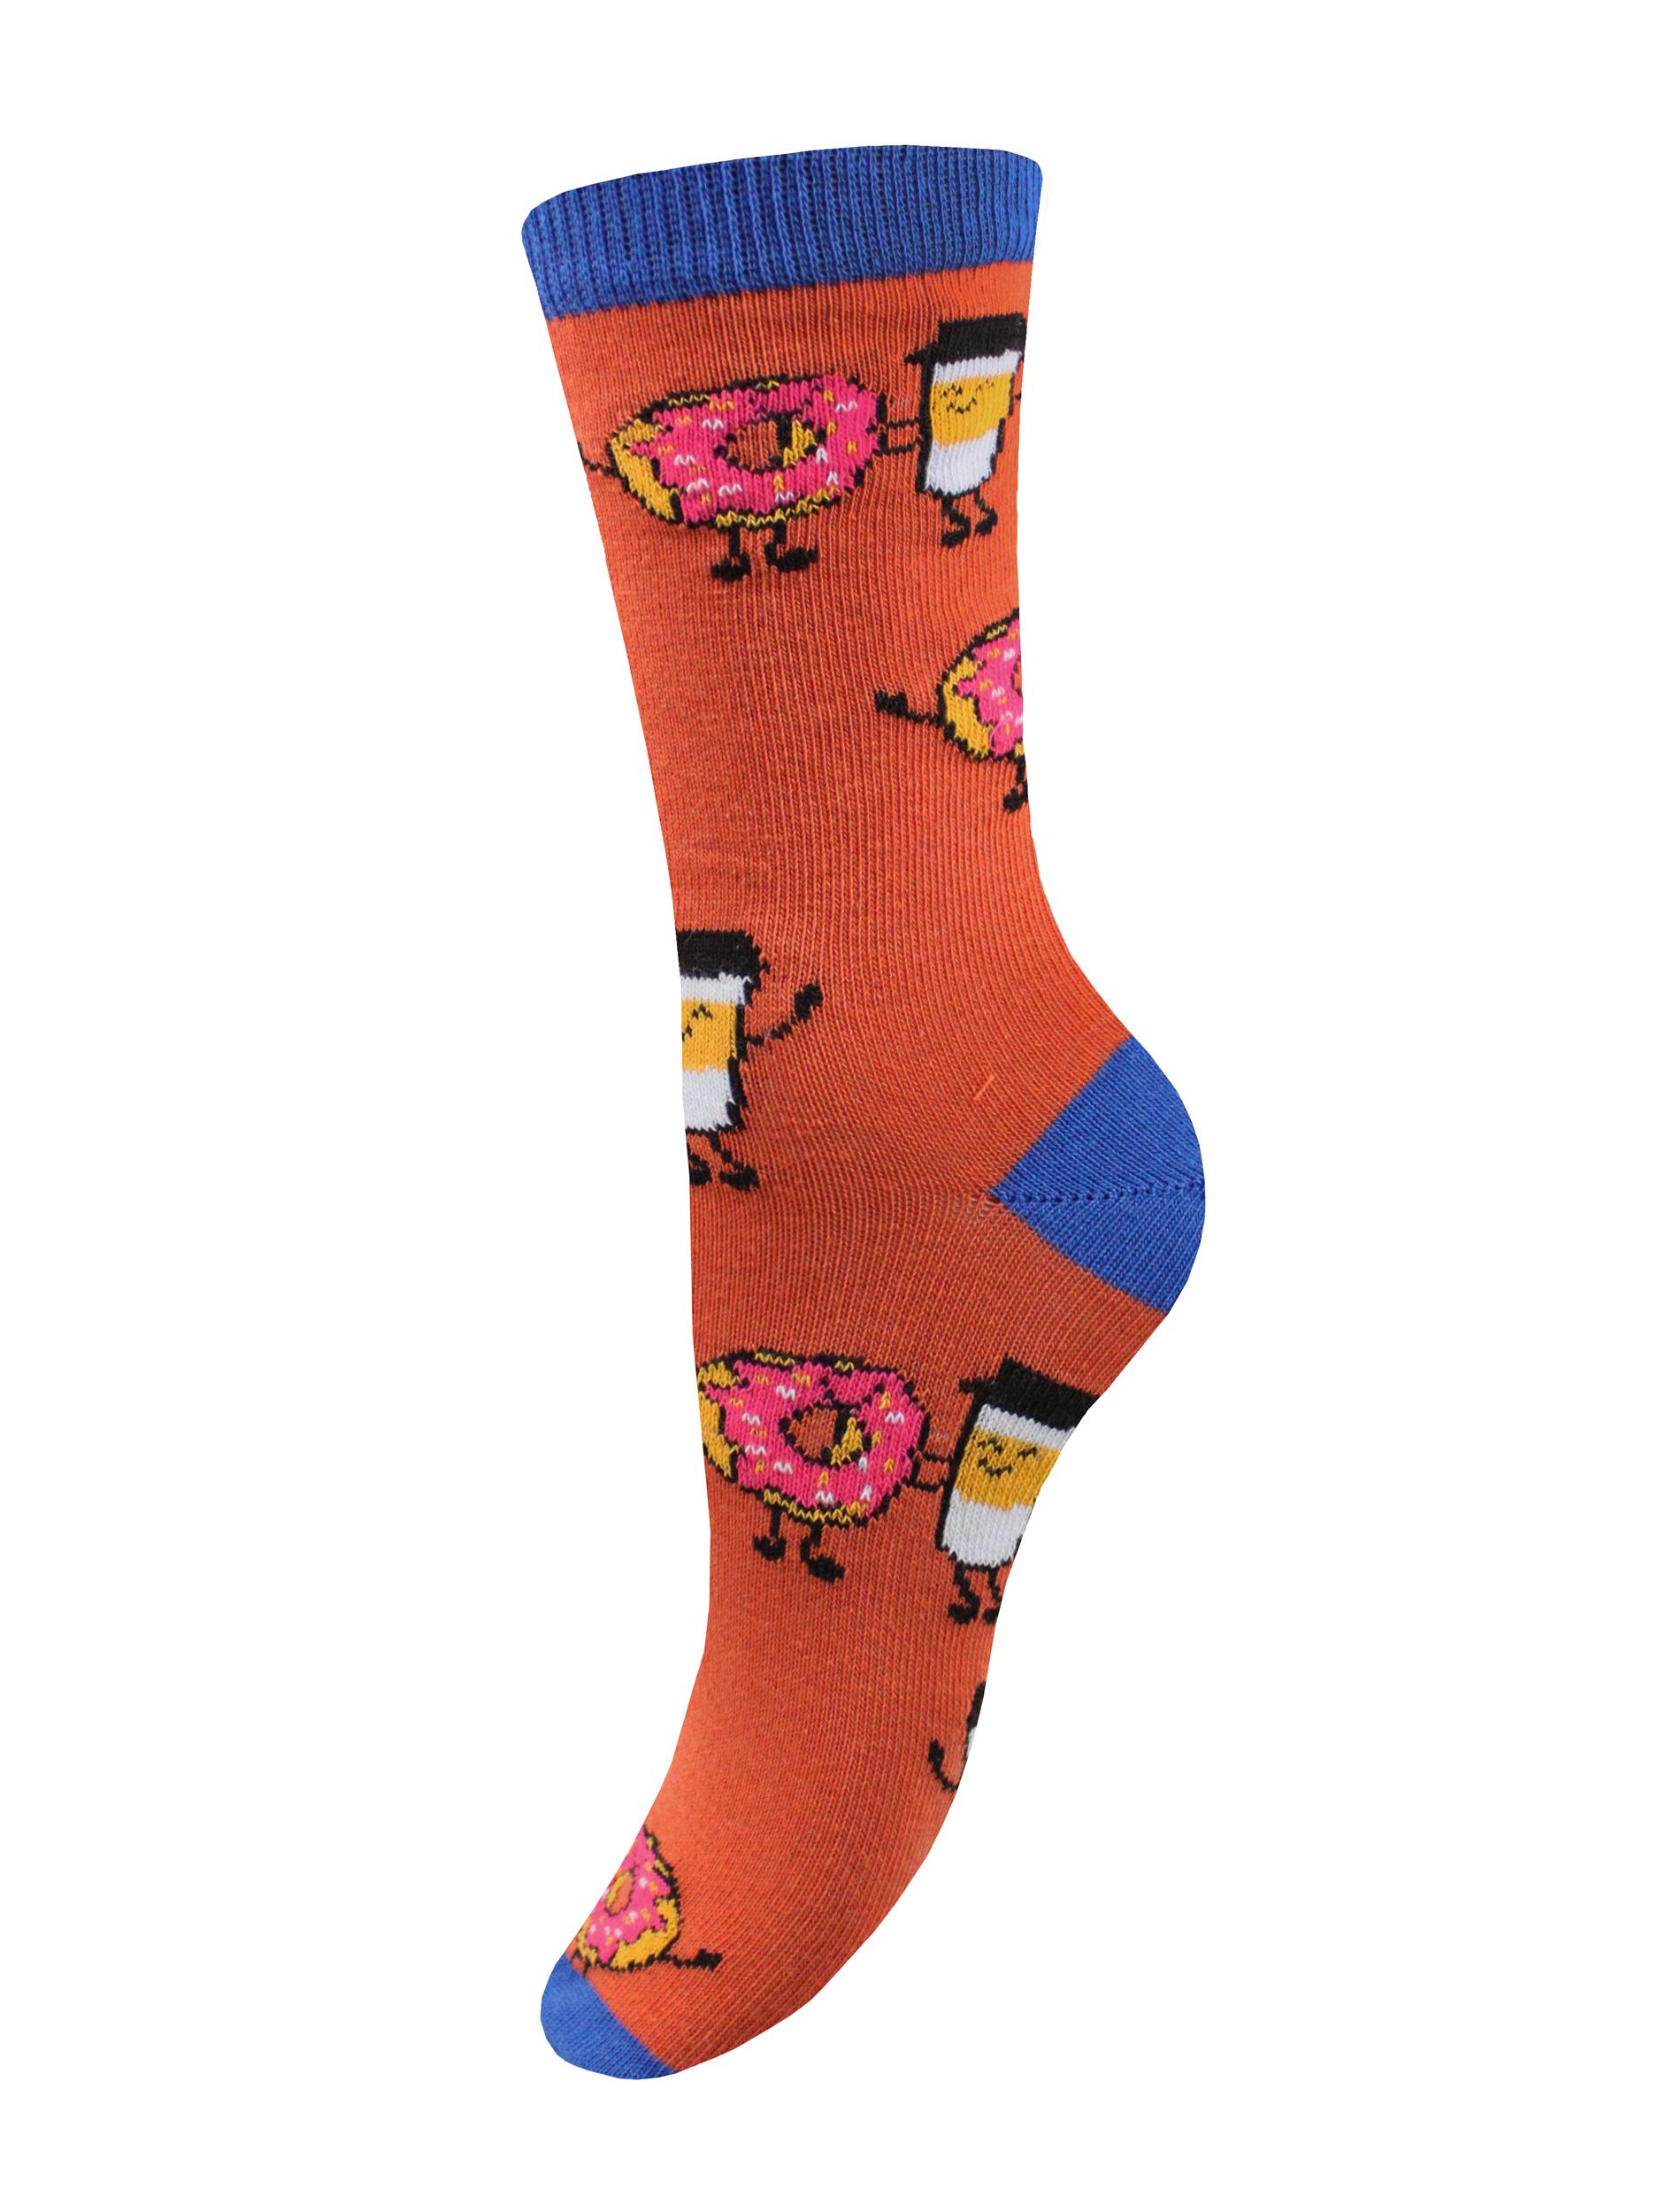 Носки женские Mademoiselle SC-20210104 оранжевые 35-40